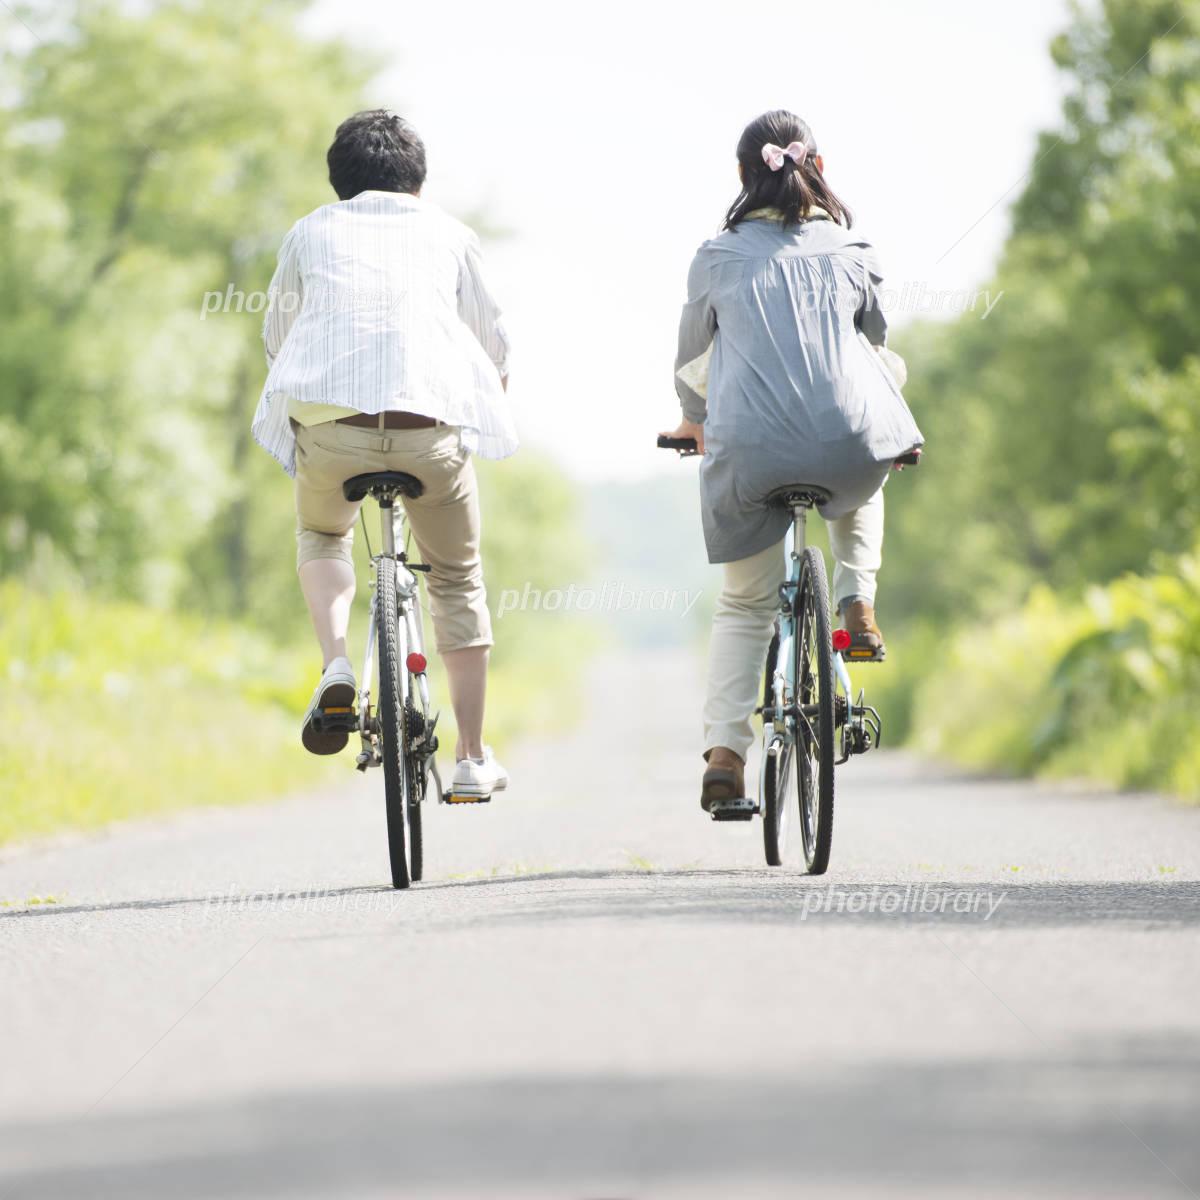 自転車に乗るカップルの後姿 写真素材 [ 3512097 ] - フォト ...